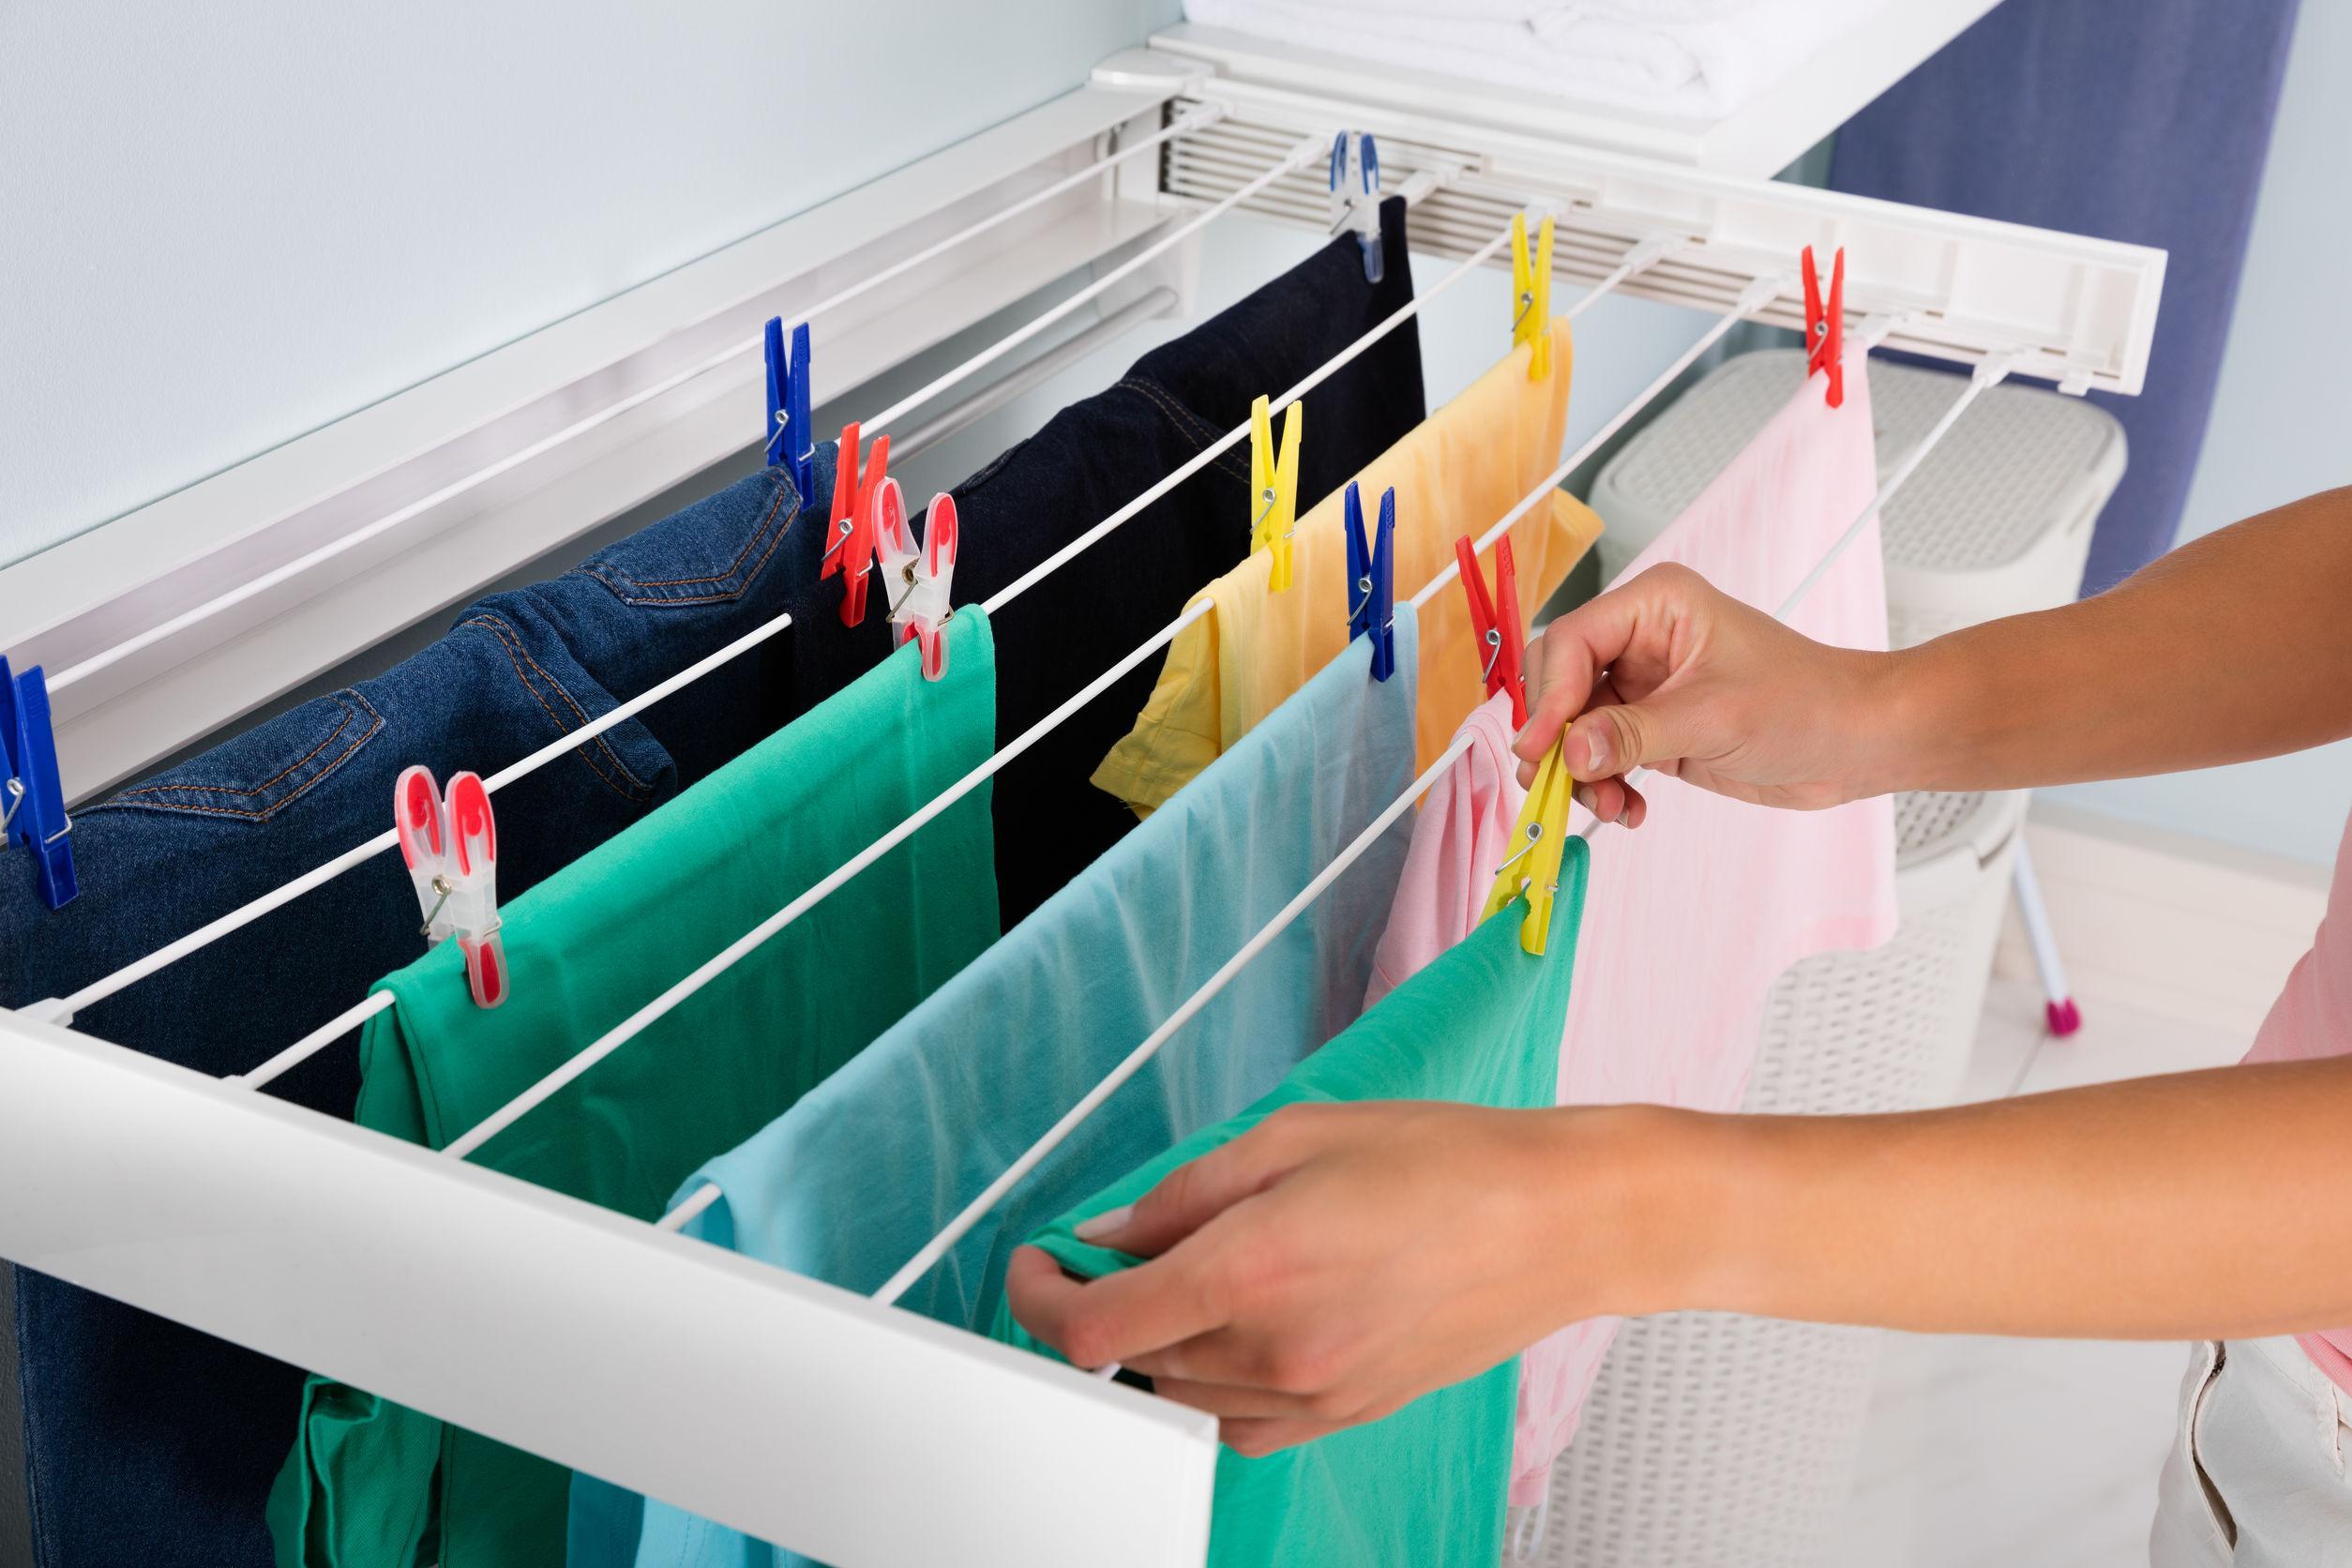 Wäscheständer für die Badewanne: Test & Empfehlungen (10/20)